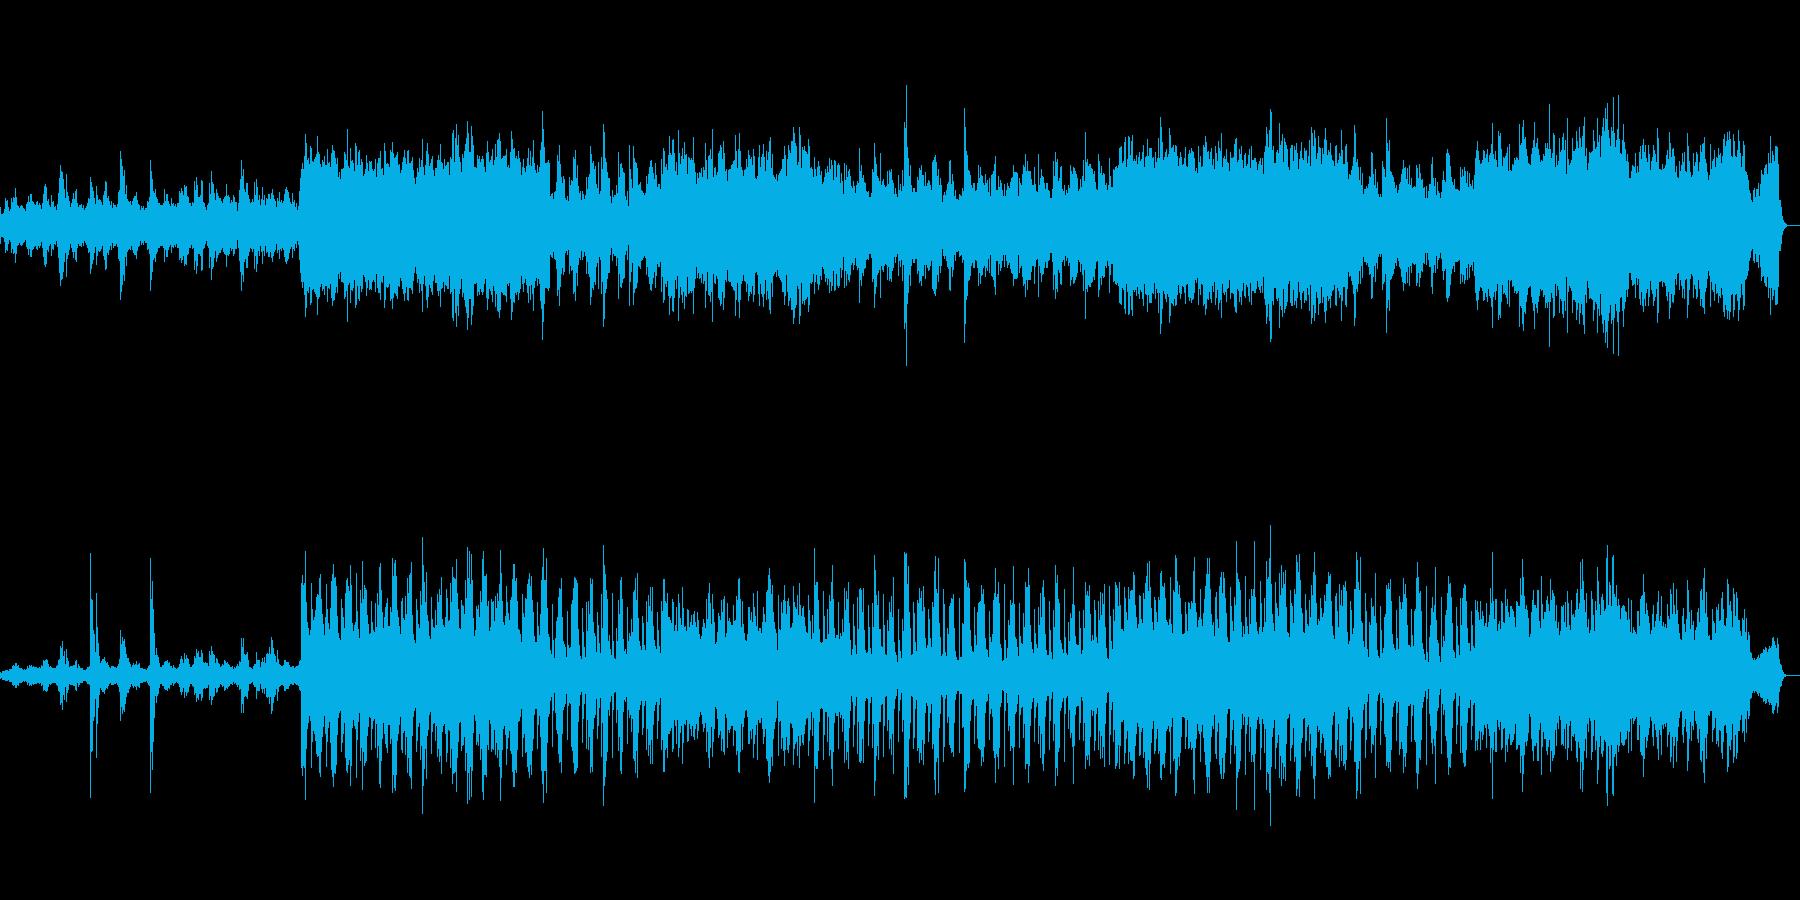 アコギ演奏で癒される 優しく穏やかな曲の再生済みの波形